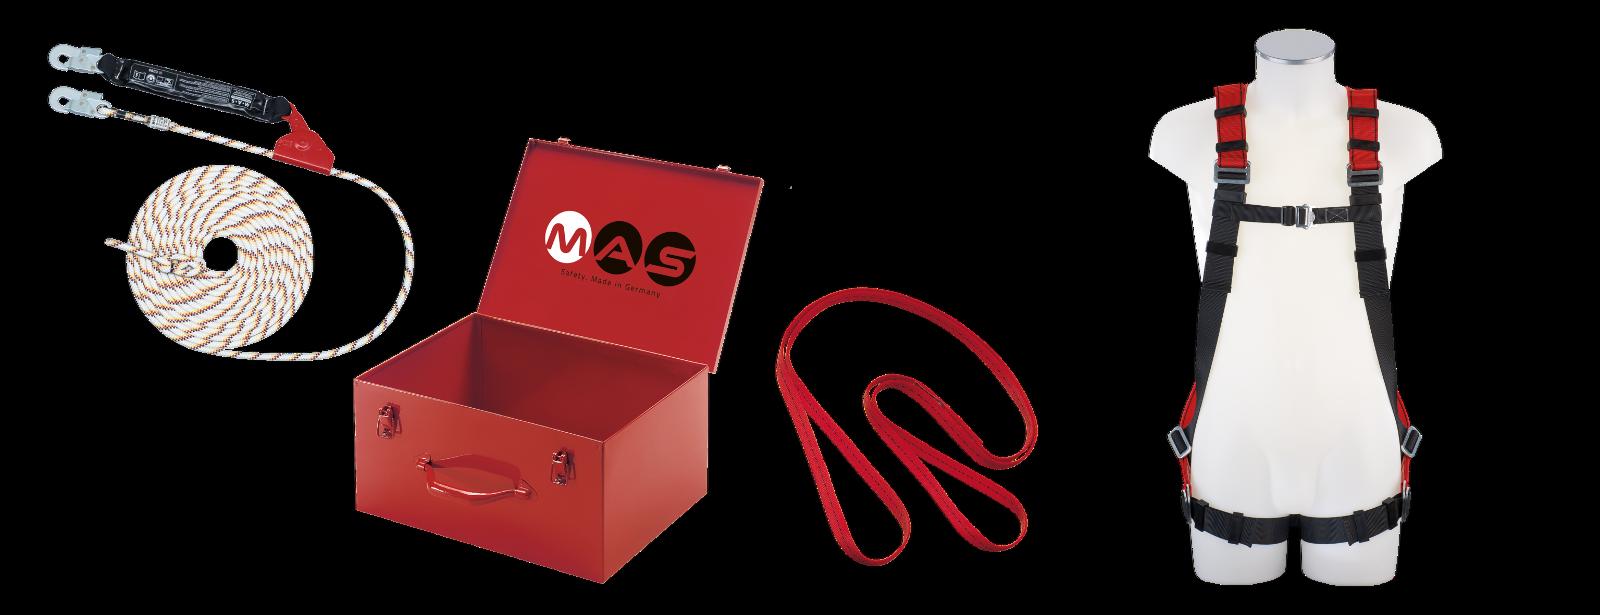 MAS Sicherheitsgurt Auffanggurt Auffangsystem Sicherheitsgurt f.Gerüstbauer